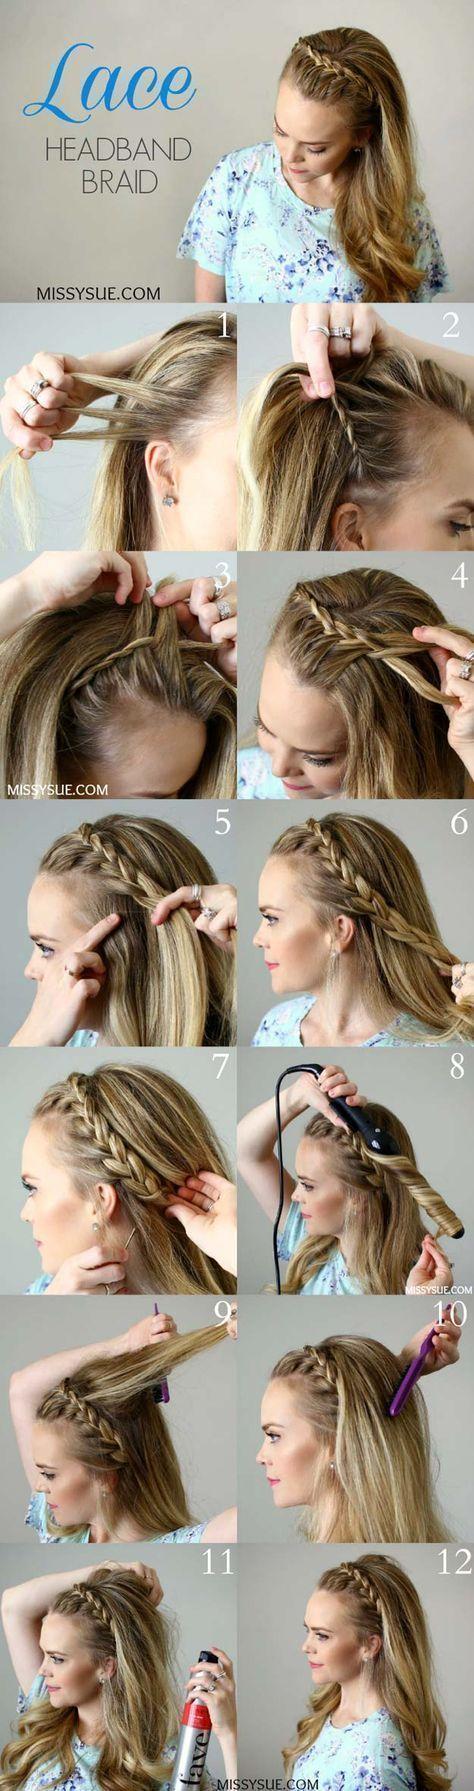 Best Hair Braiding Tutorials - Lace Stirnband Braid - Einfache Schritt-für-Schritt-Anleitungen für Zöpfe - How To Fishtail, Französisch Zöpfe, Flower Crown, Side ...